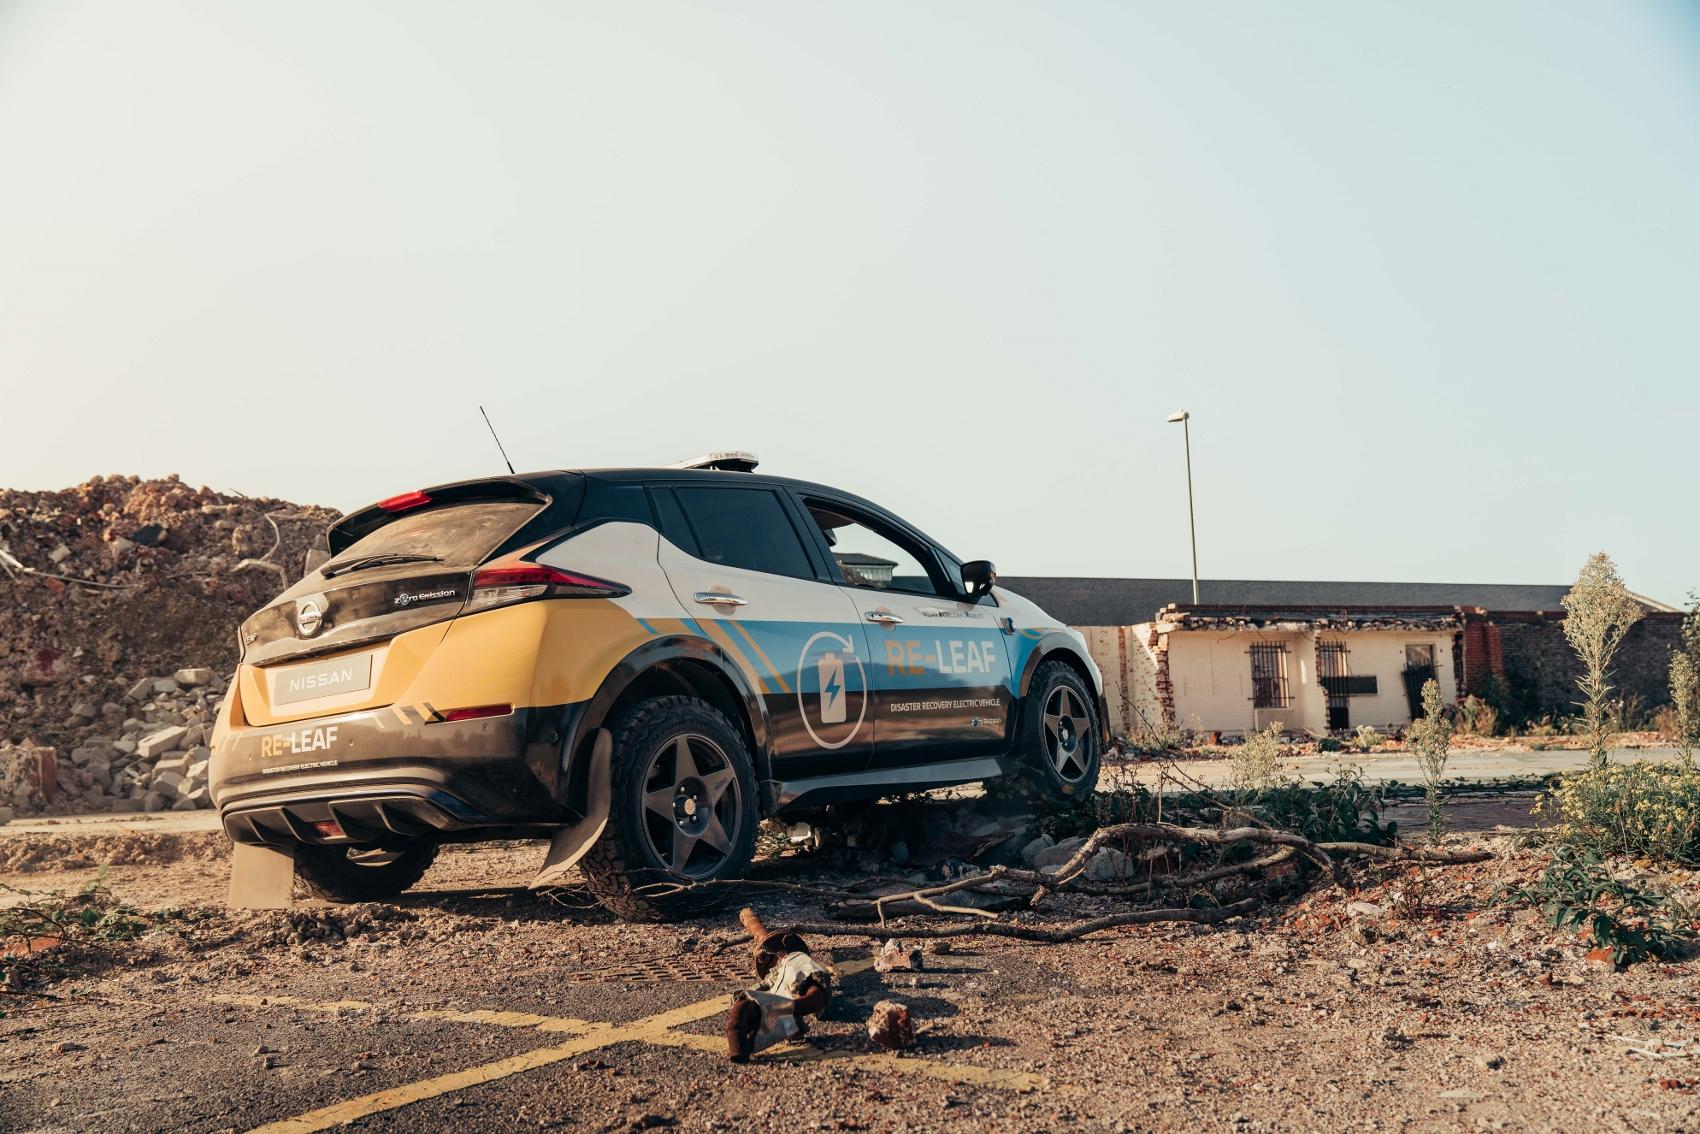 Nissan RE-Leaf je určený na zásahy po katastrofách